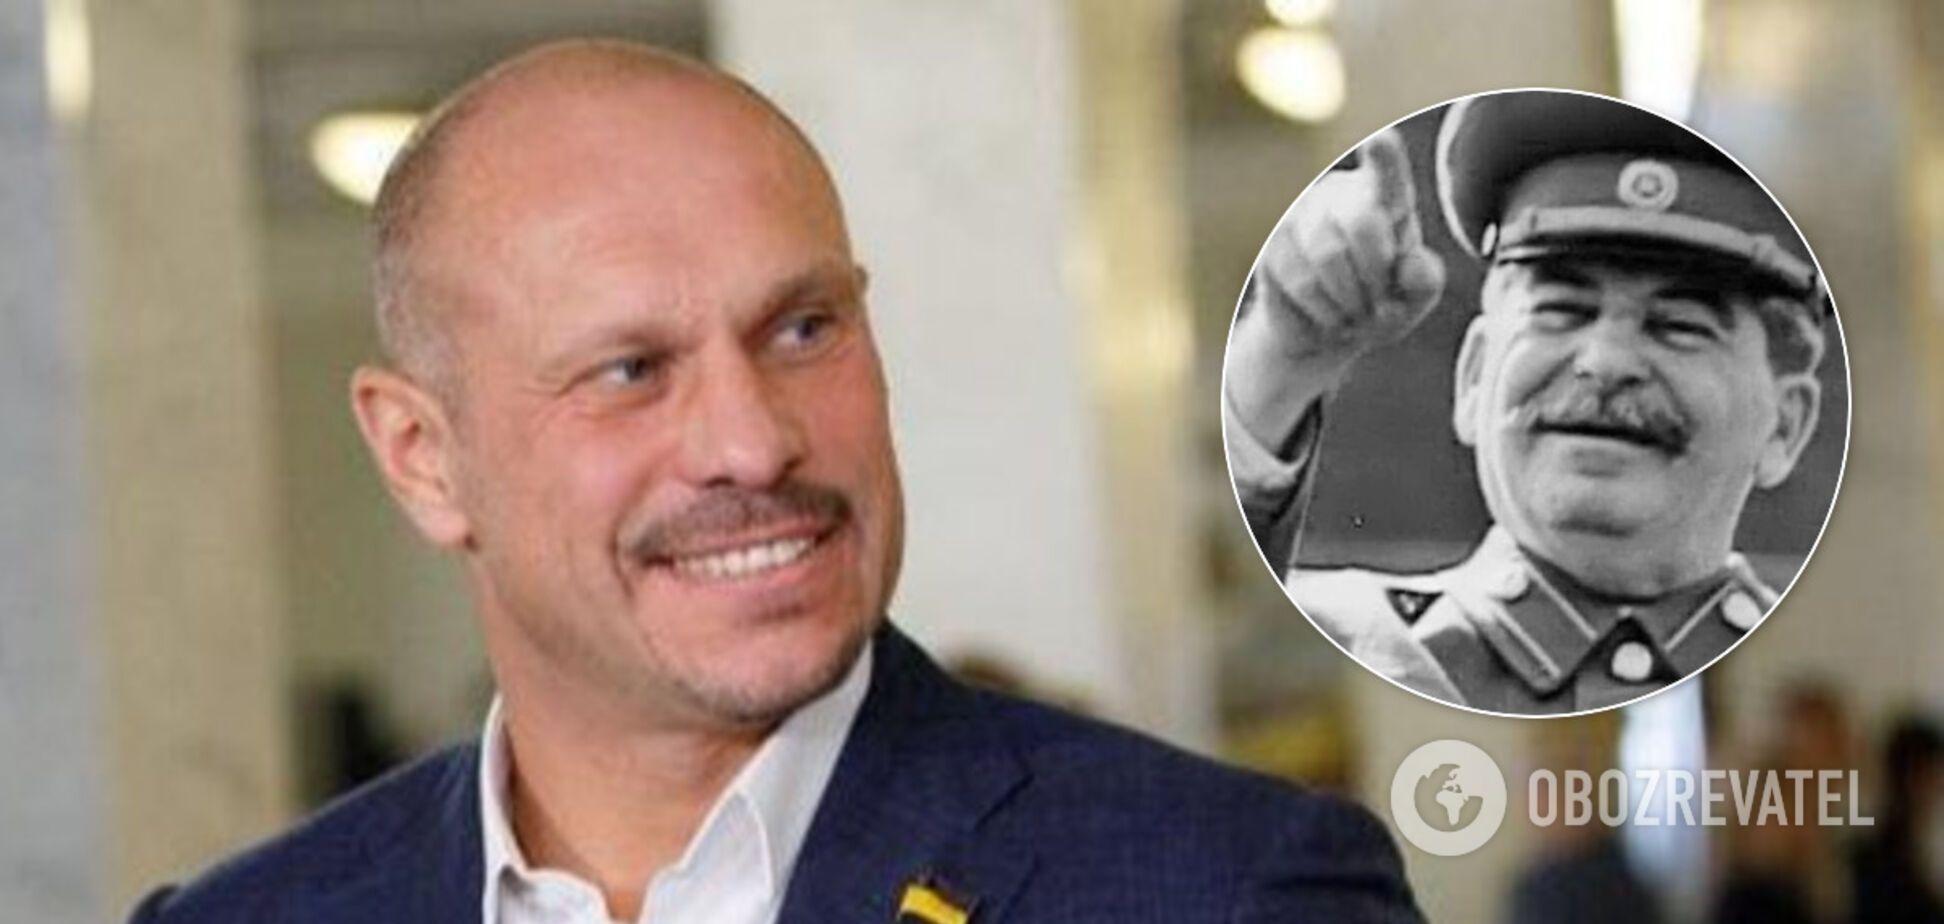 Кива захотів повернути в Україну диктатора Сталіна і нарвався на критику